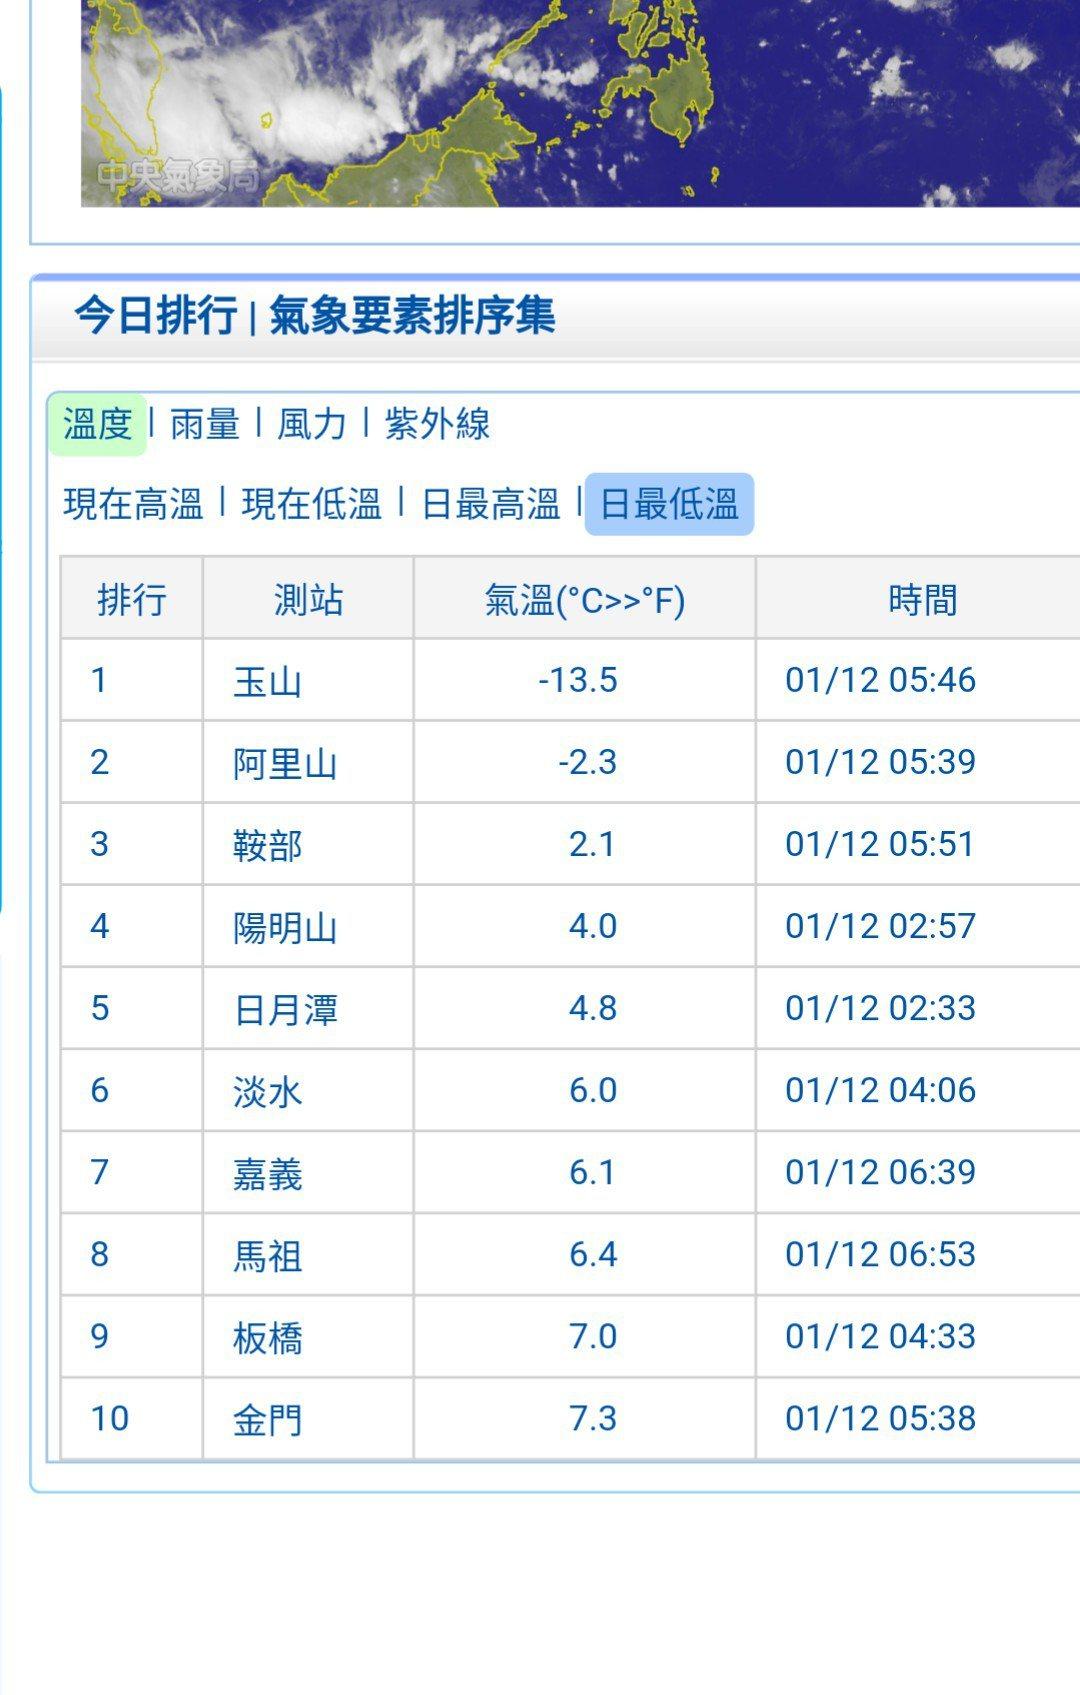 依照中央氣象局資料,淡水、嘉義清晨陸續出現6度、6.1度低溫,玉山更只有零下13...